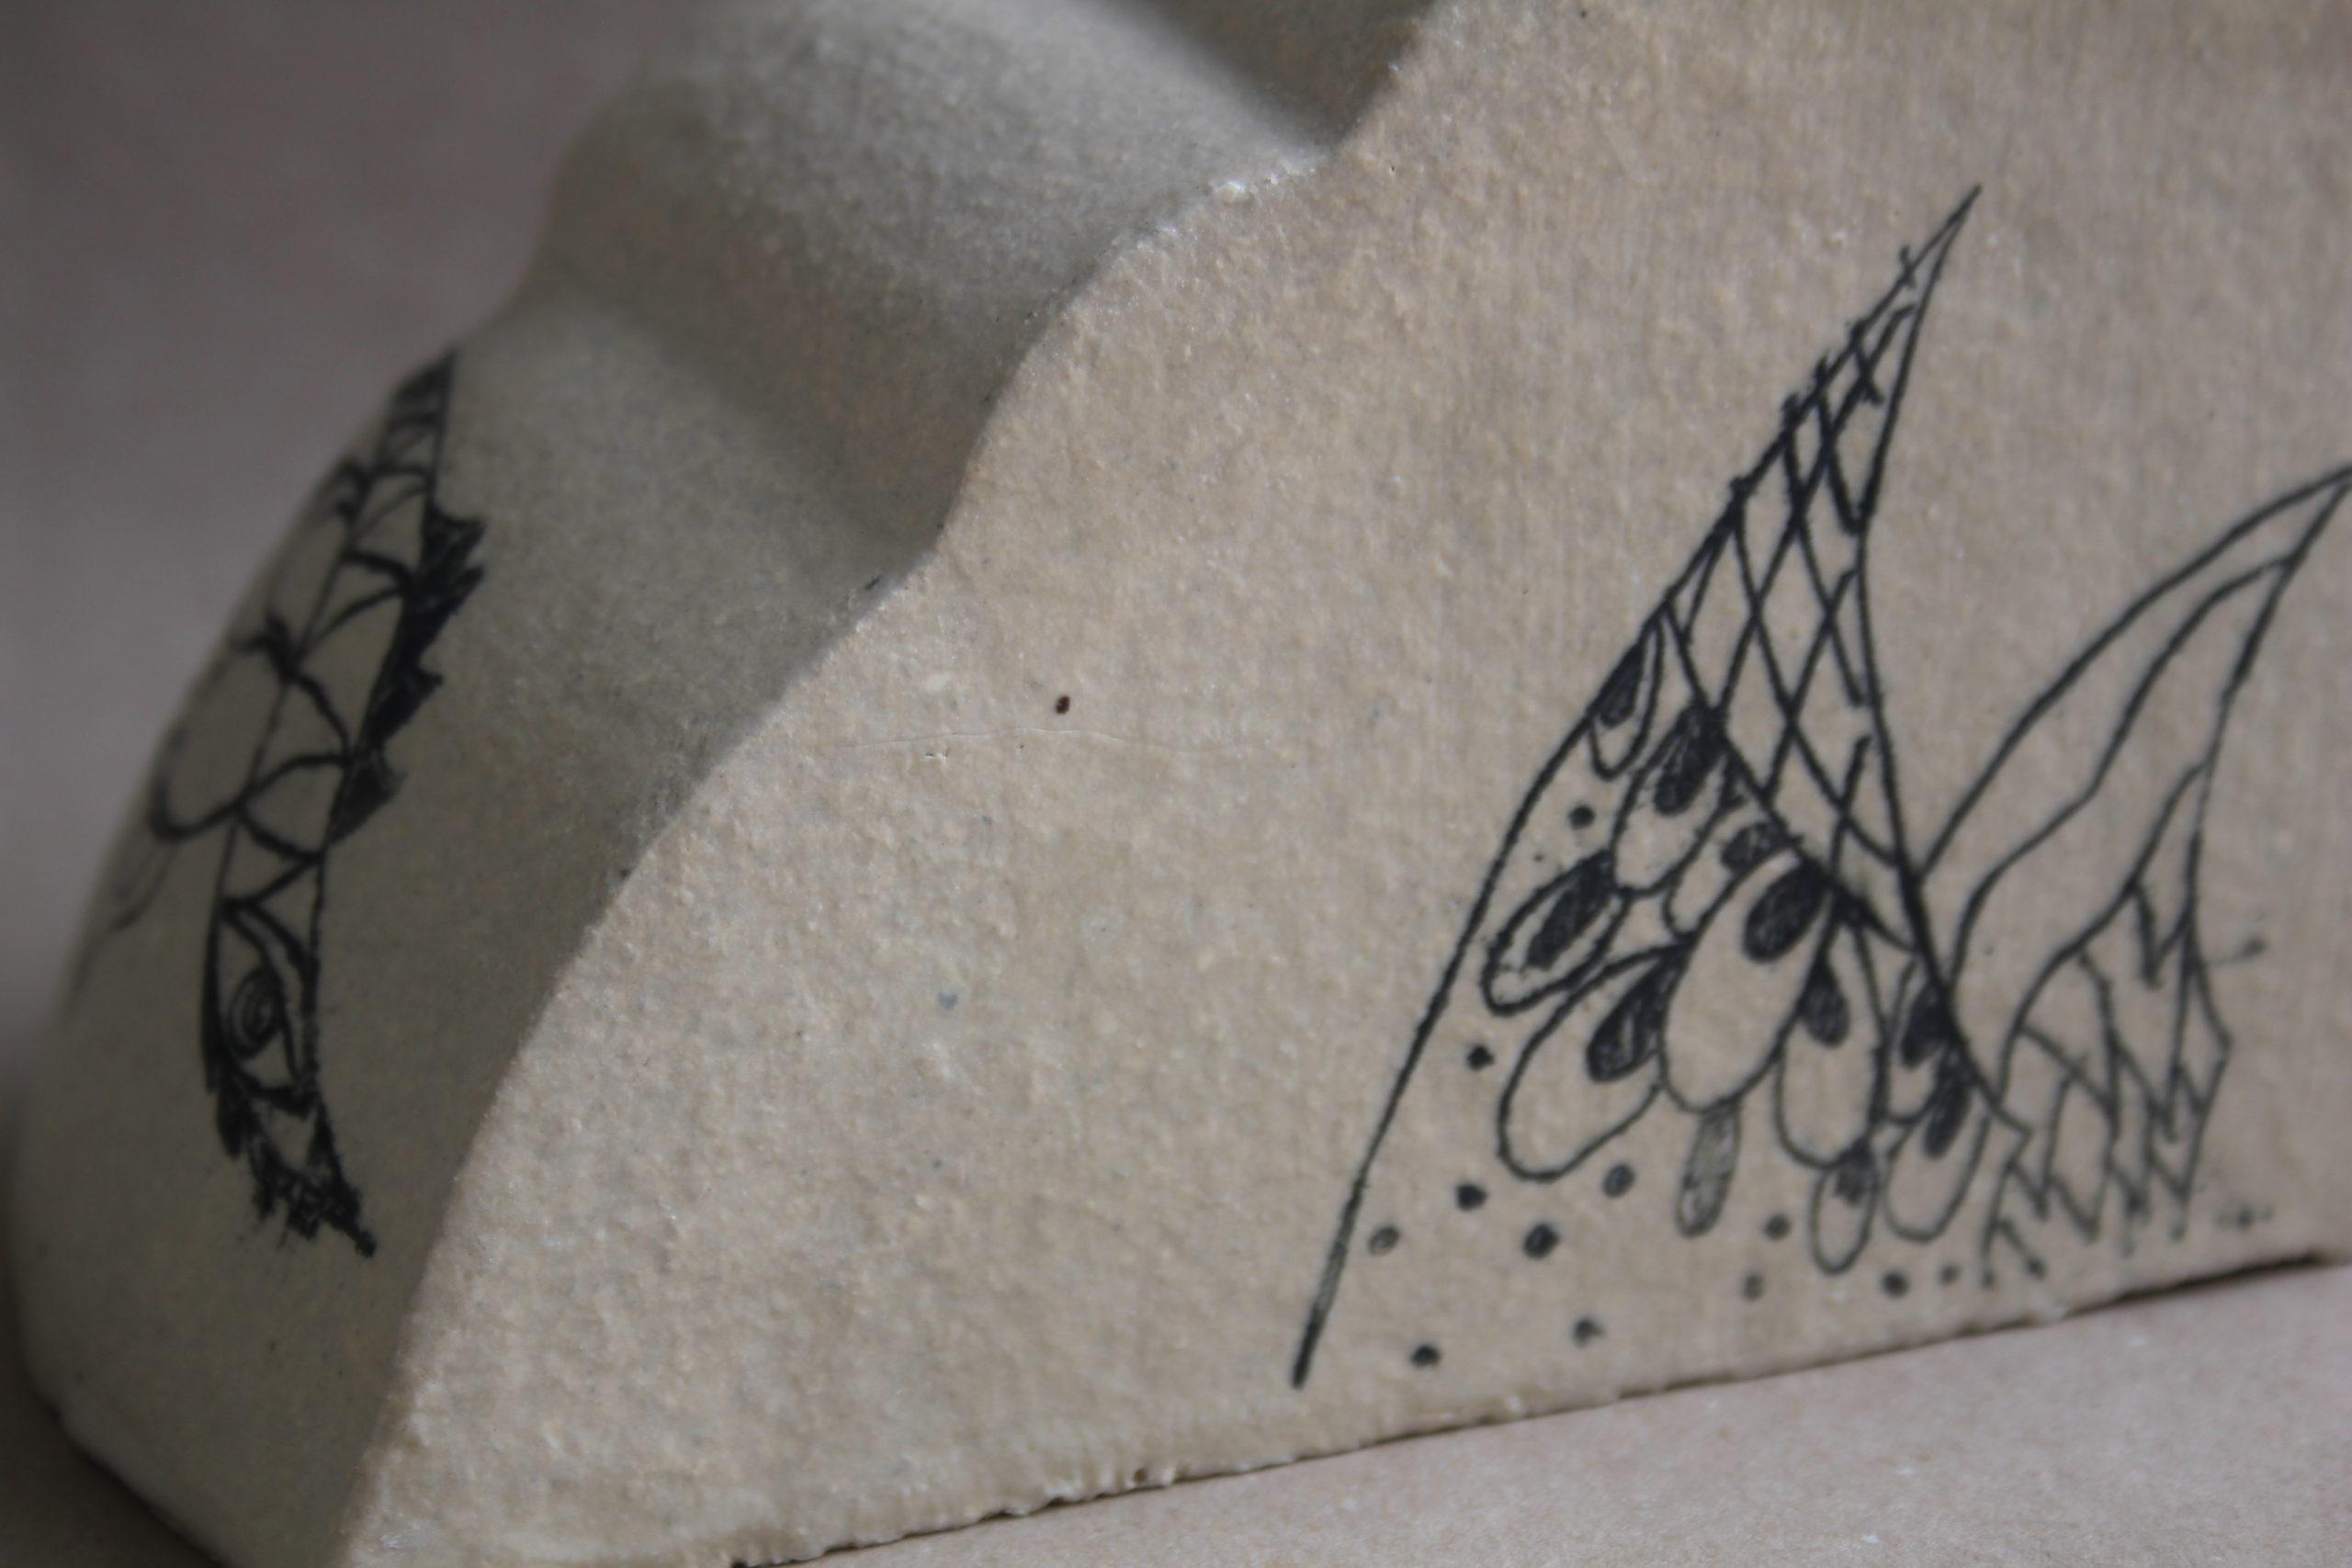 Homenaje a la artista Única Zurn. Pieza escultórica.